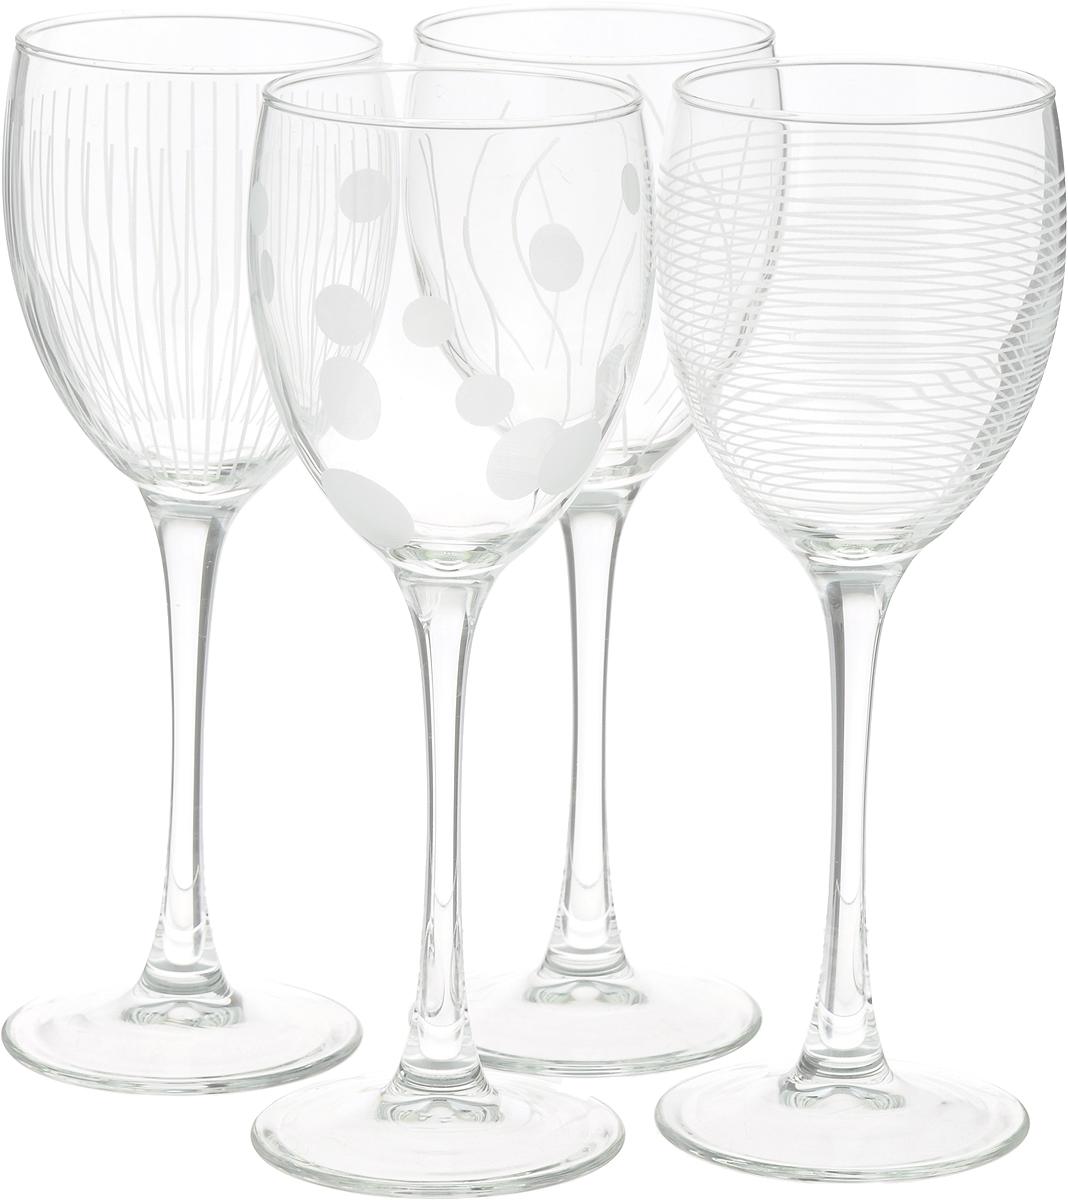 Набор фужеров для вина ОСЗ Лаунж Клаб, 250 мл, 4 штN5287Набор фужеров (бокалов) для вина ЛАУНЖ КЛАБ, 4 штуки. Производитель: ARC International. Материал: Стекло. Объем: 250 мл. Можно мыть в посудомоечной машине.